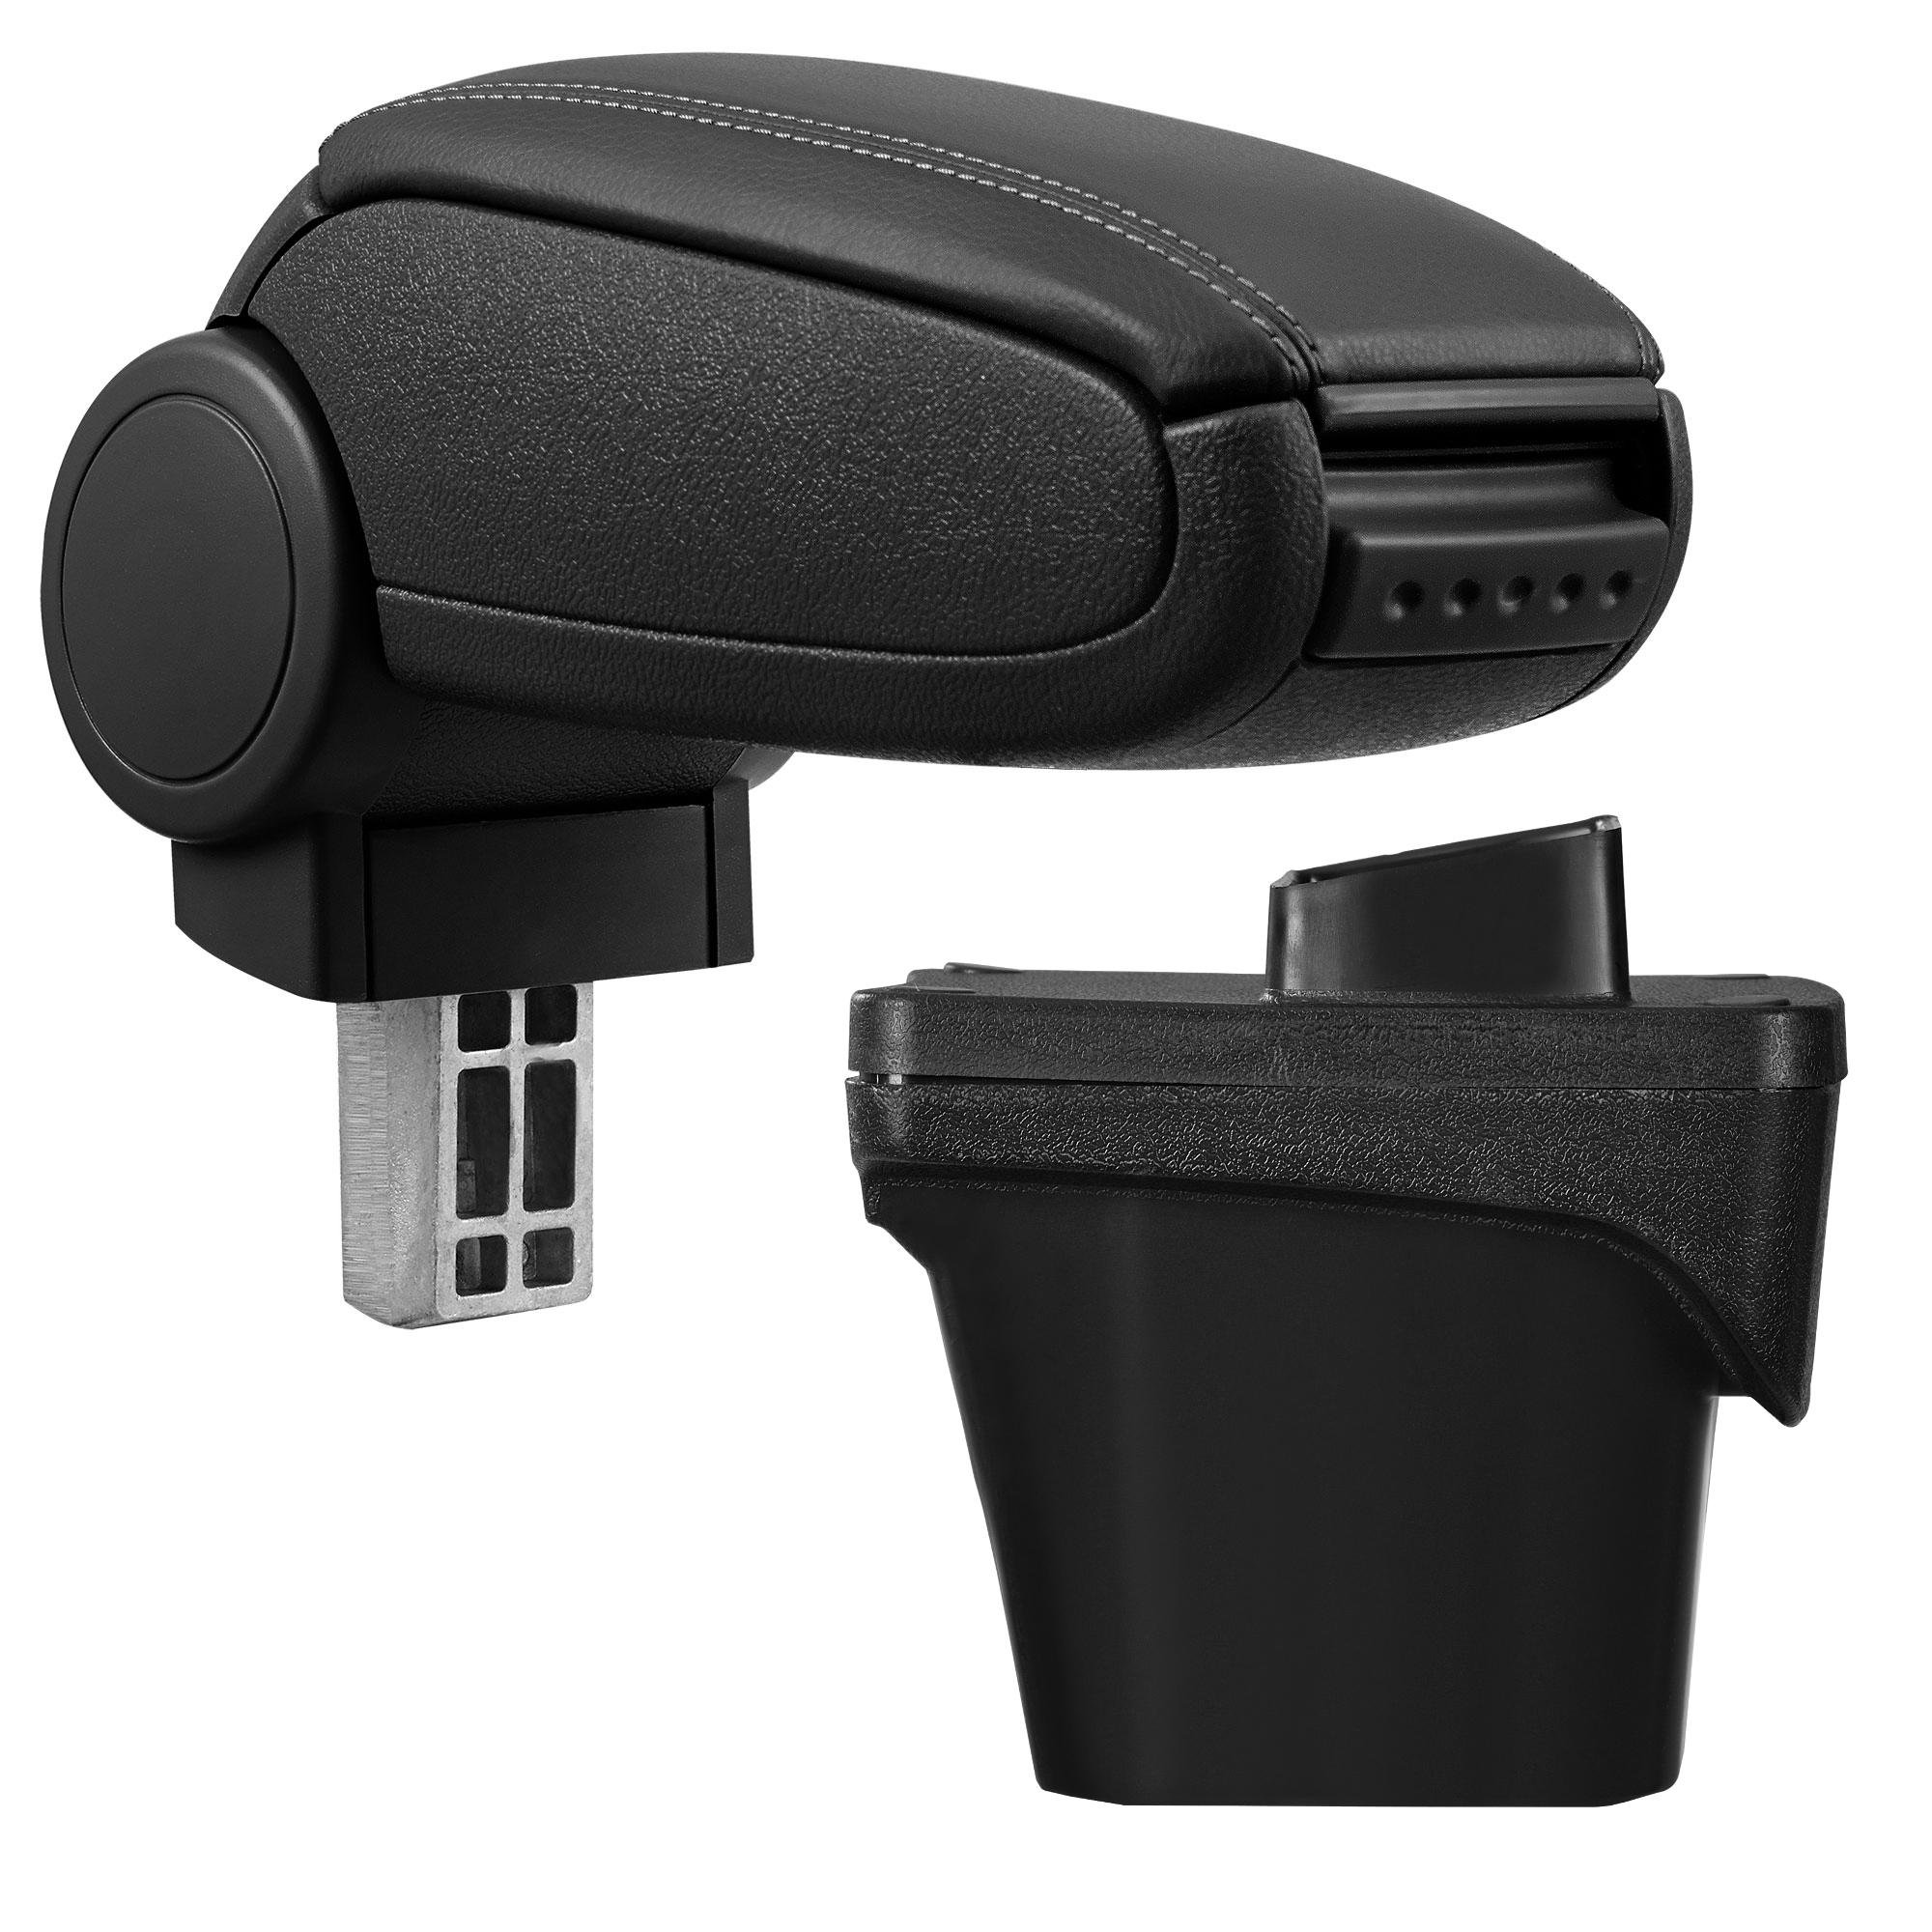 Středová loketní opěrka - vhodná pro: Peugeot 308 II (2. generace - Od konce roku 2013) - umělá kůže - Černá s černými švy